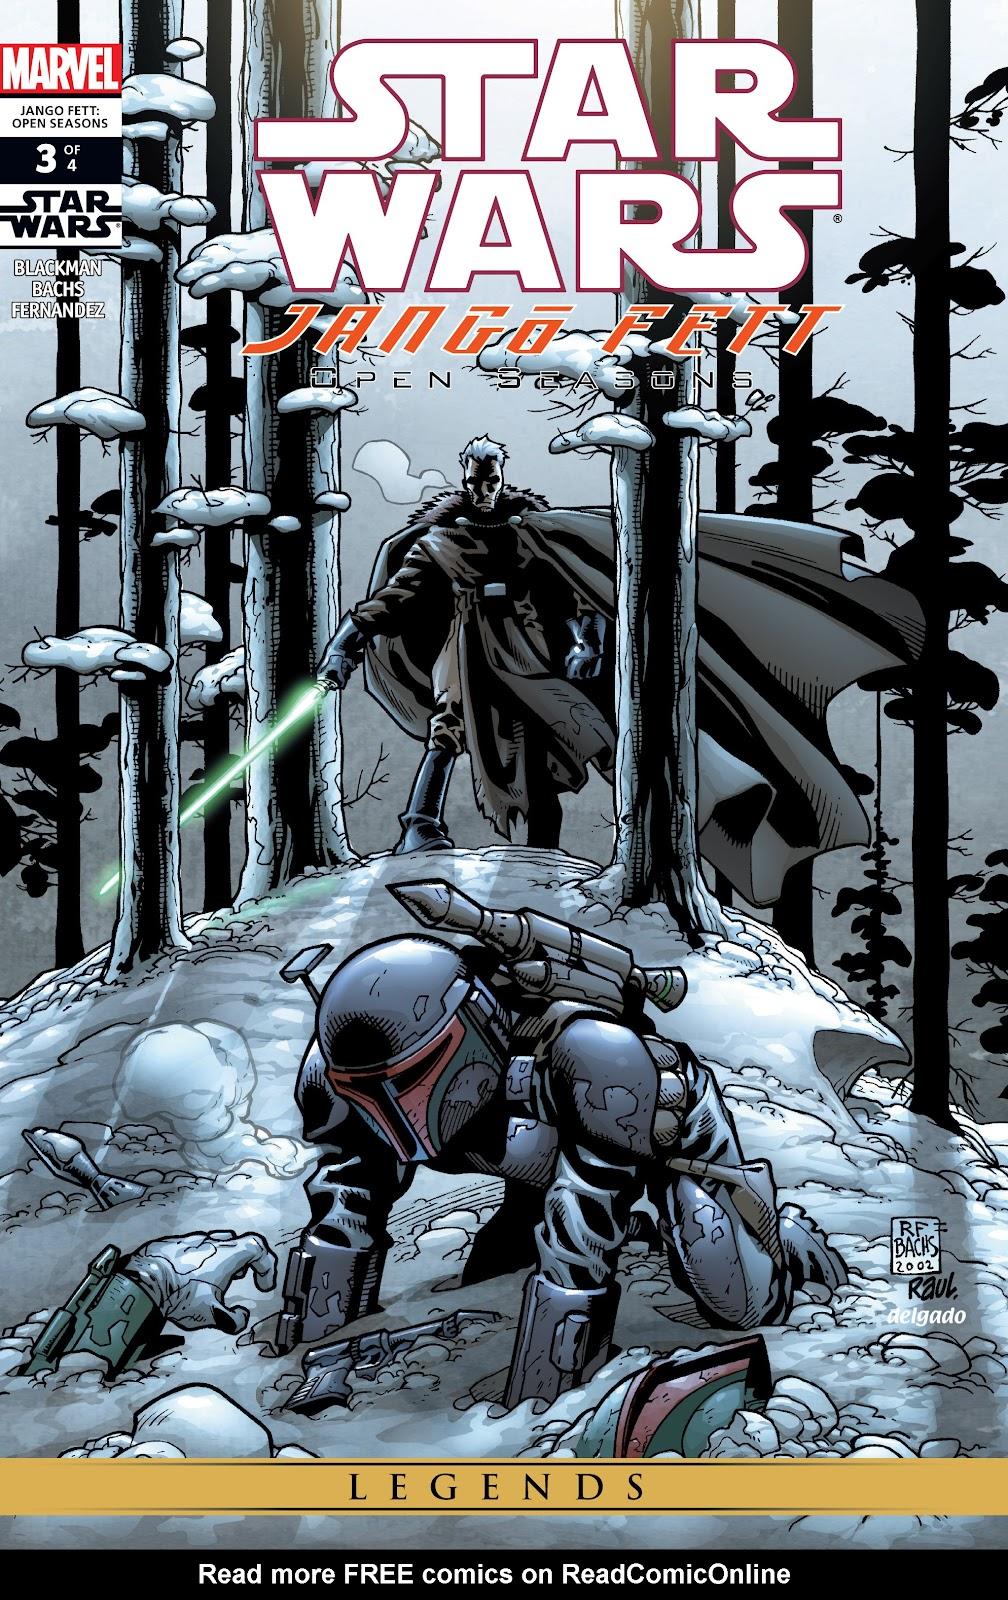 Star Wars: Jango Fett - Open Seasons 3 Page 1